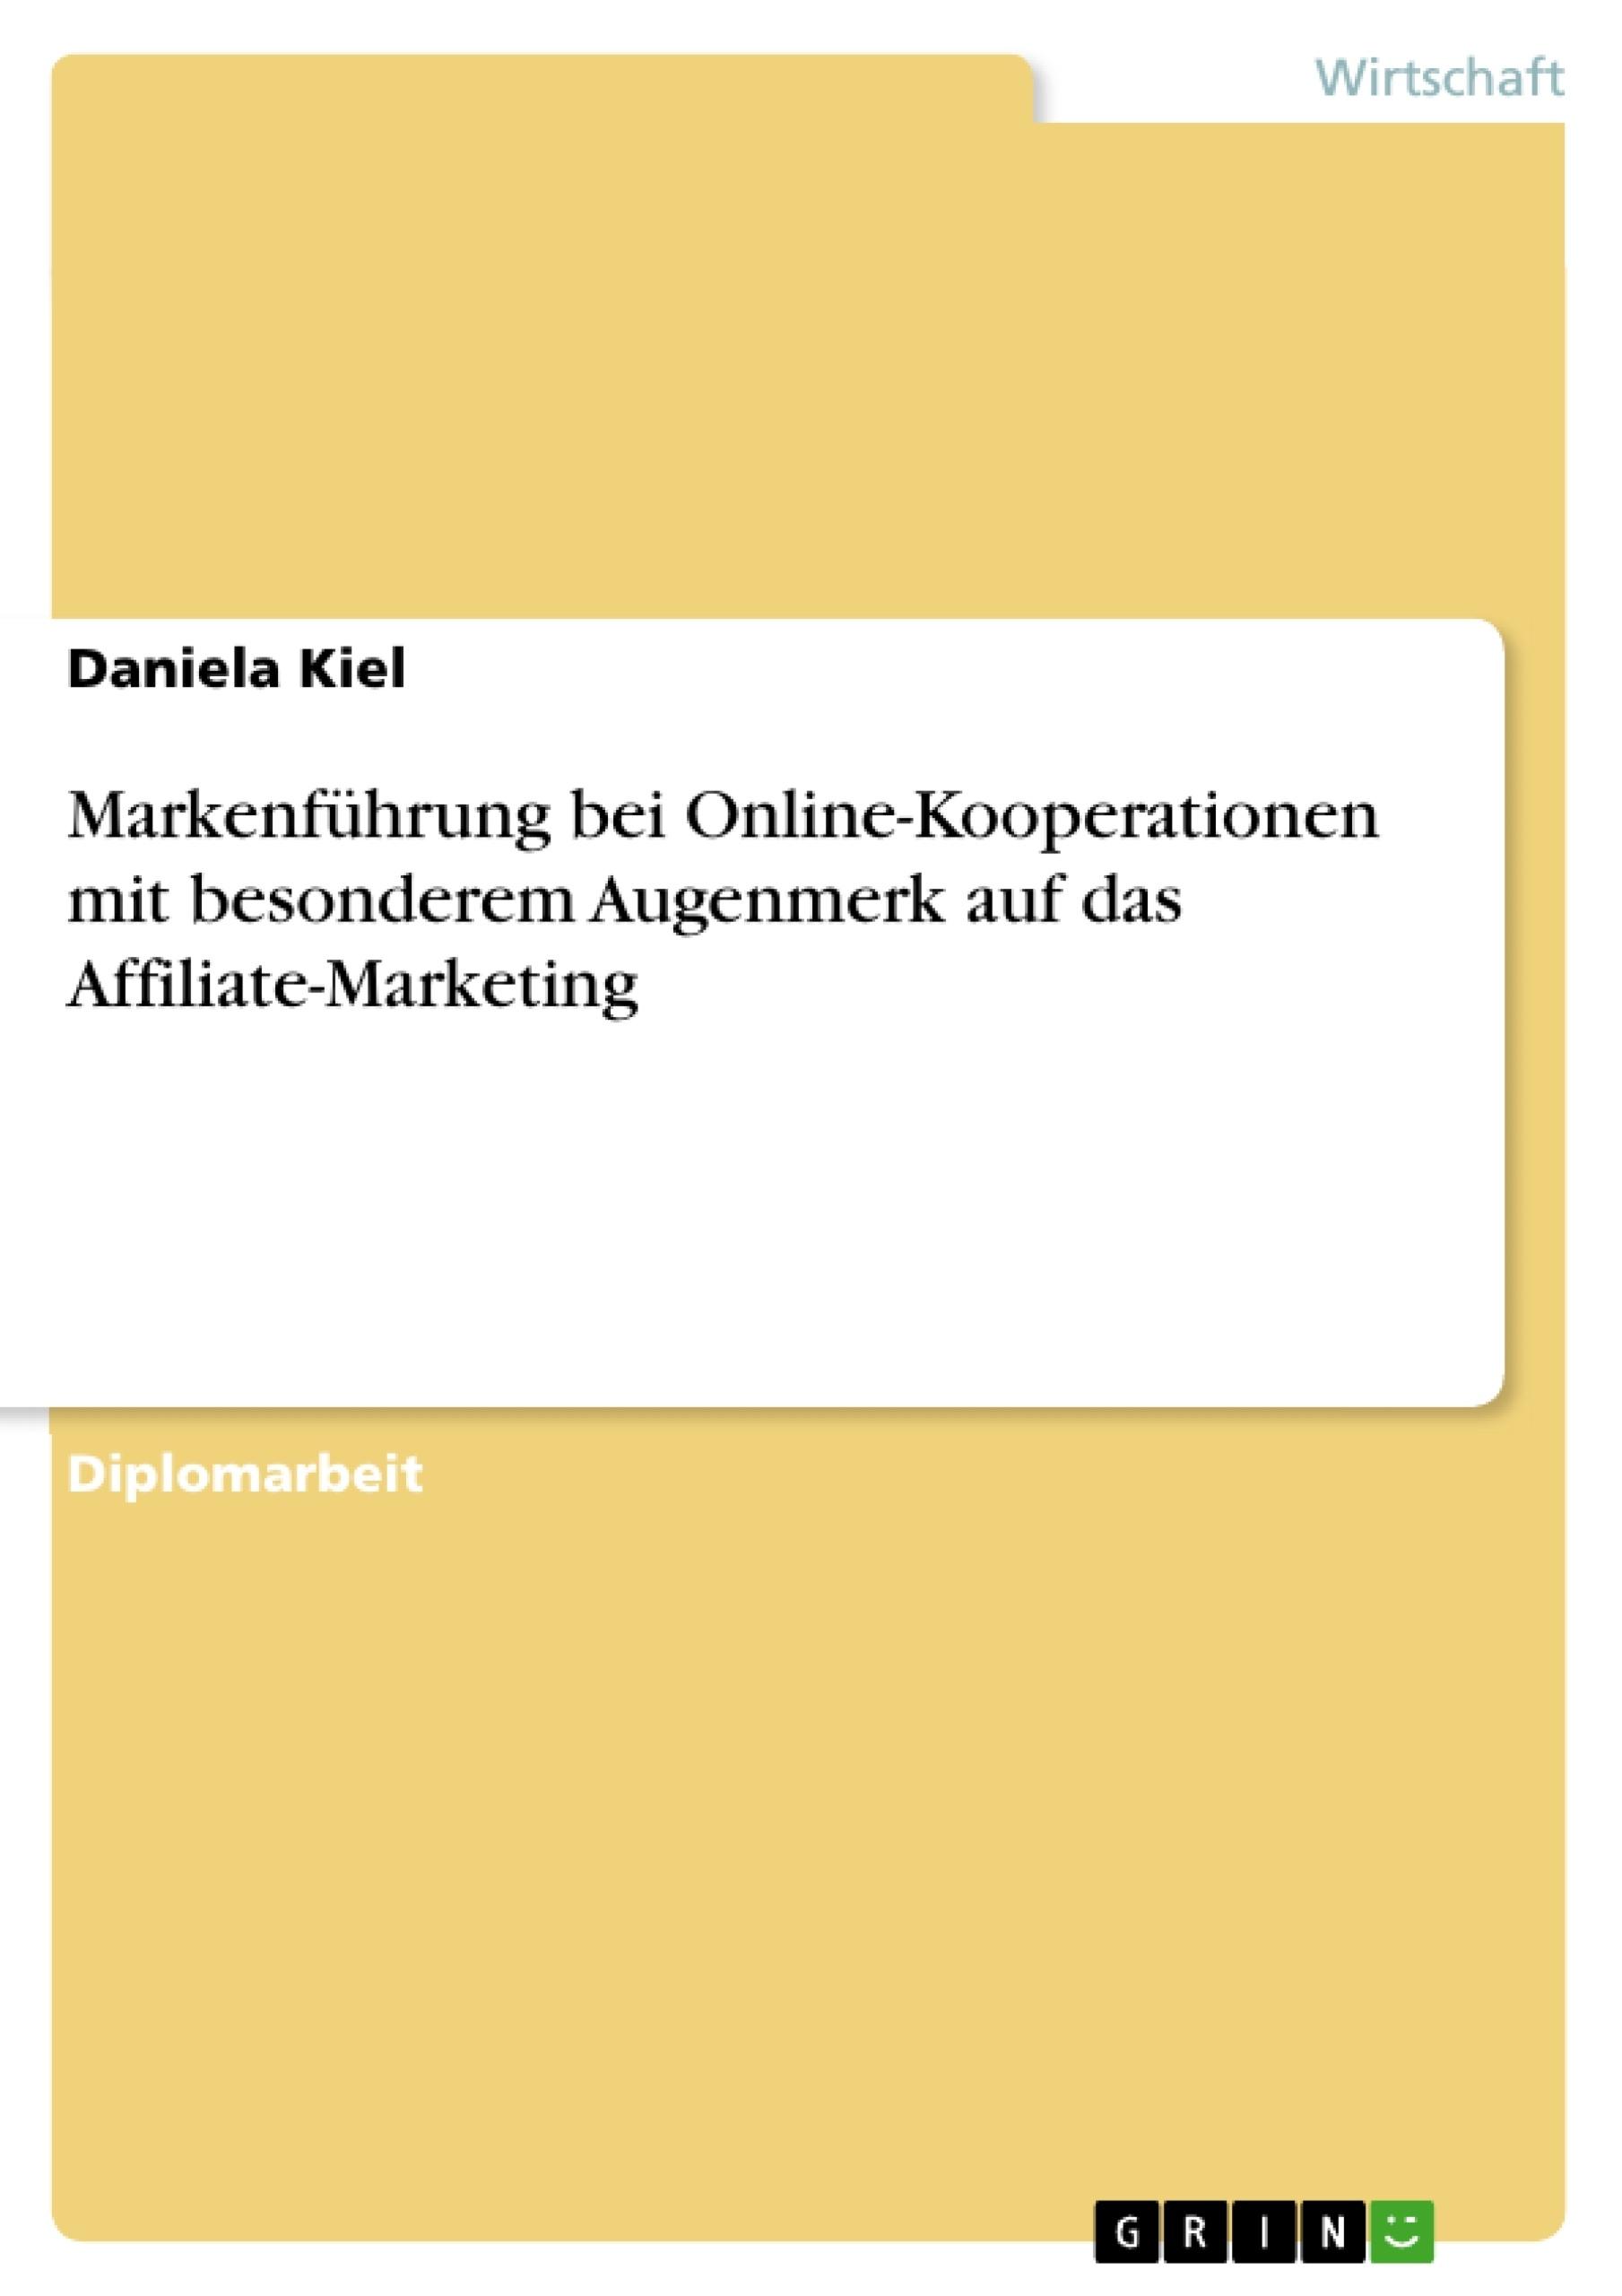 Titel: Markenführung bei Online-Kooperationen mit besonderem Augenmerk auf das Affiliate-Marketing